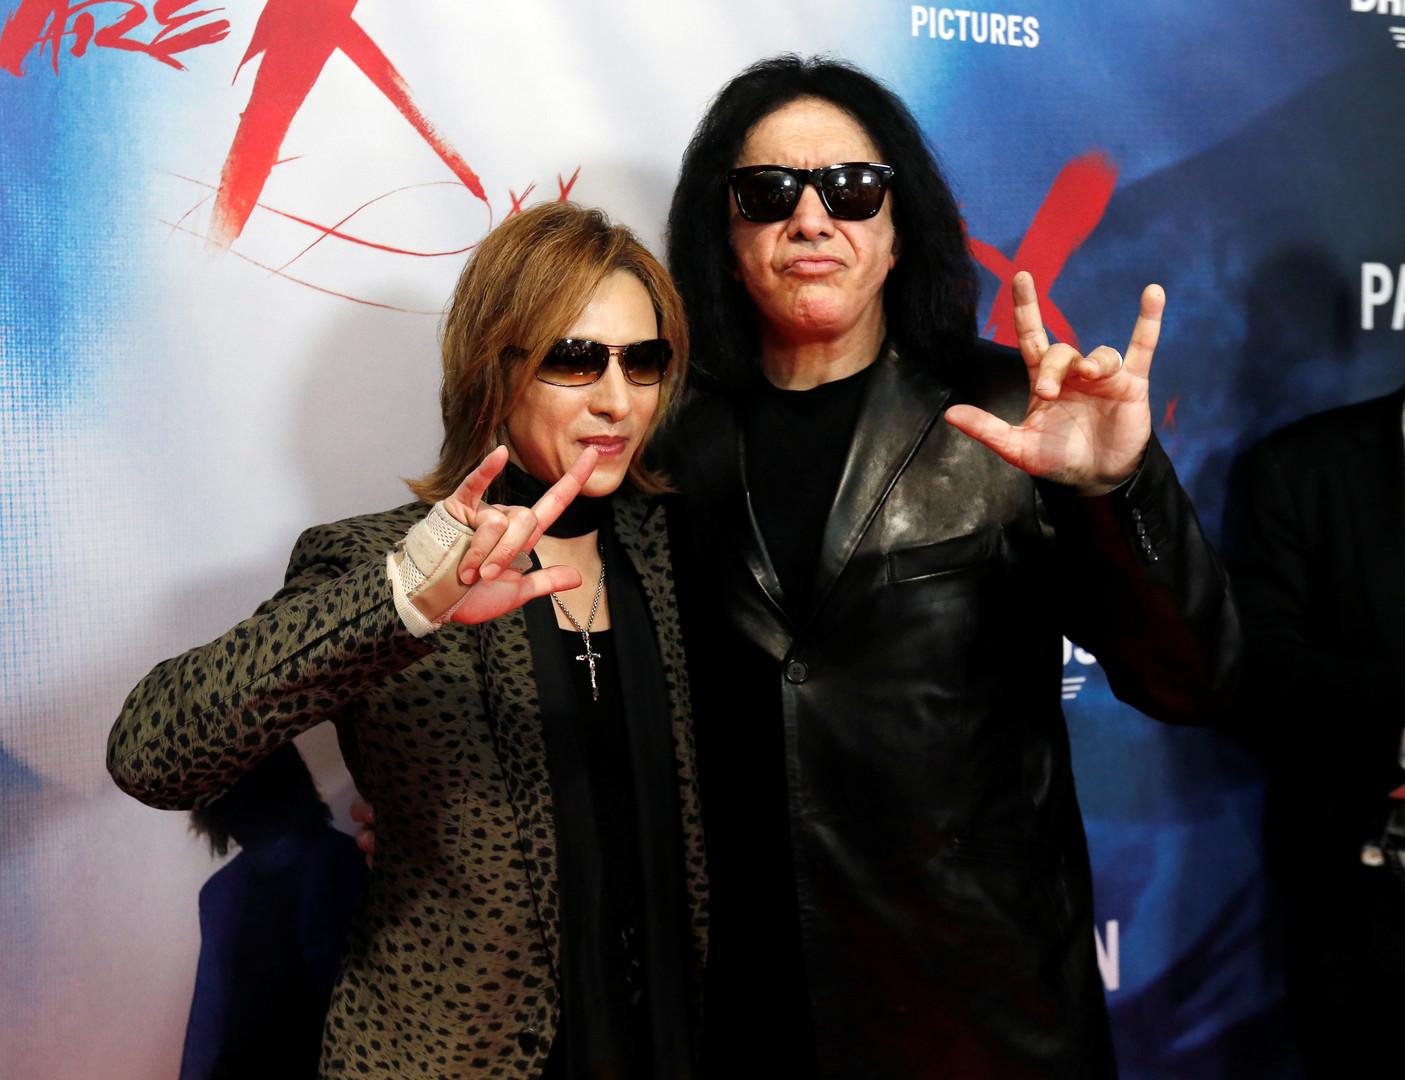 Die Rockgruppe KISS hat eine Einladung bekommen, musste sie jedoch ablehnen, weil sie zu der Zeit auf Tour in Europa ist. Dies hat die Ehefrau des Bassisten von KISS, Shannon Tweed, gegenüber die Promi-News-Webseite TMZ erzählt.